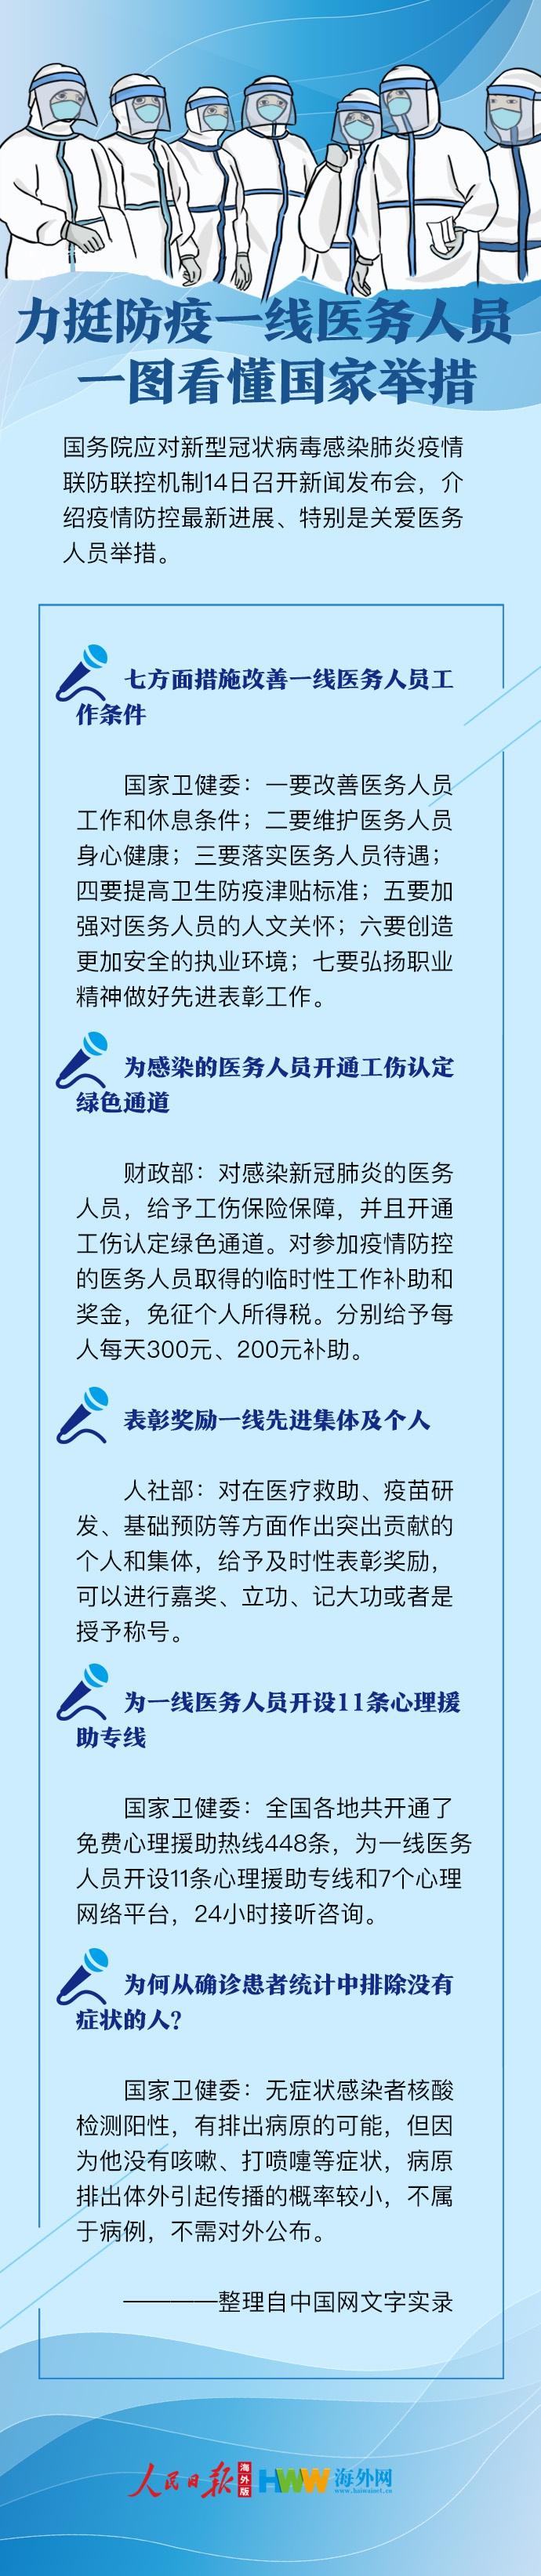 网疑办约道凤凰网 背规严峻的局部频讲久停更新